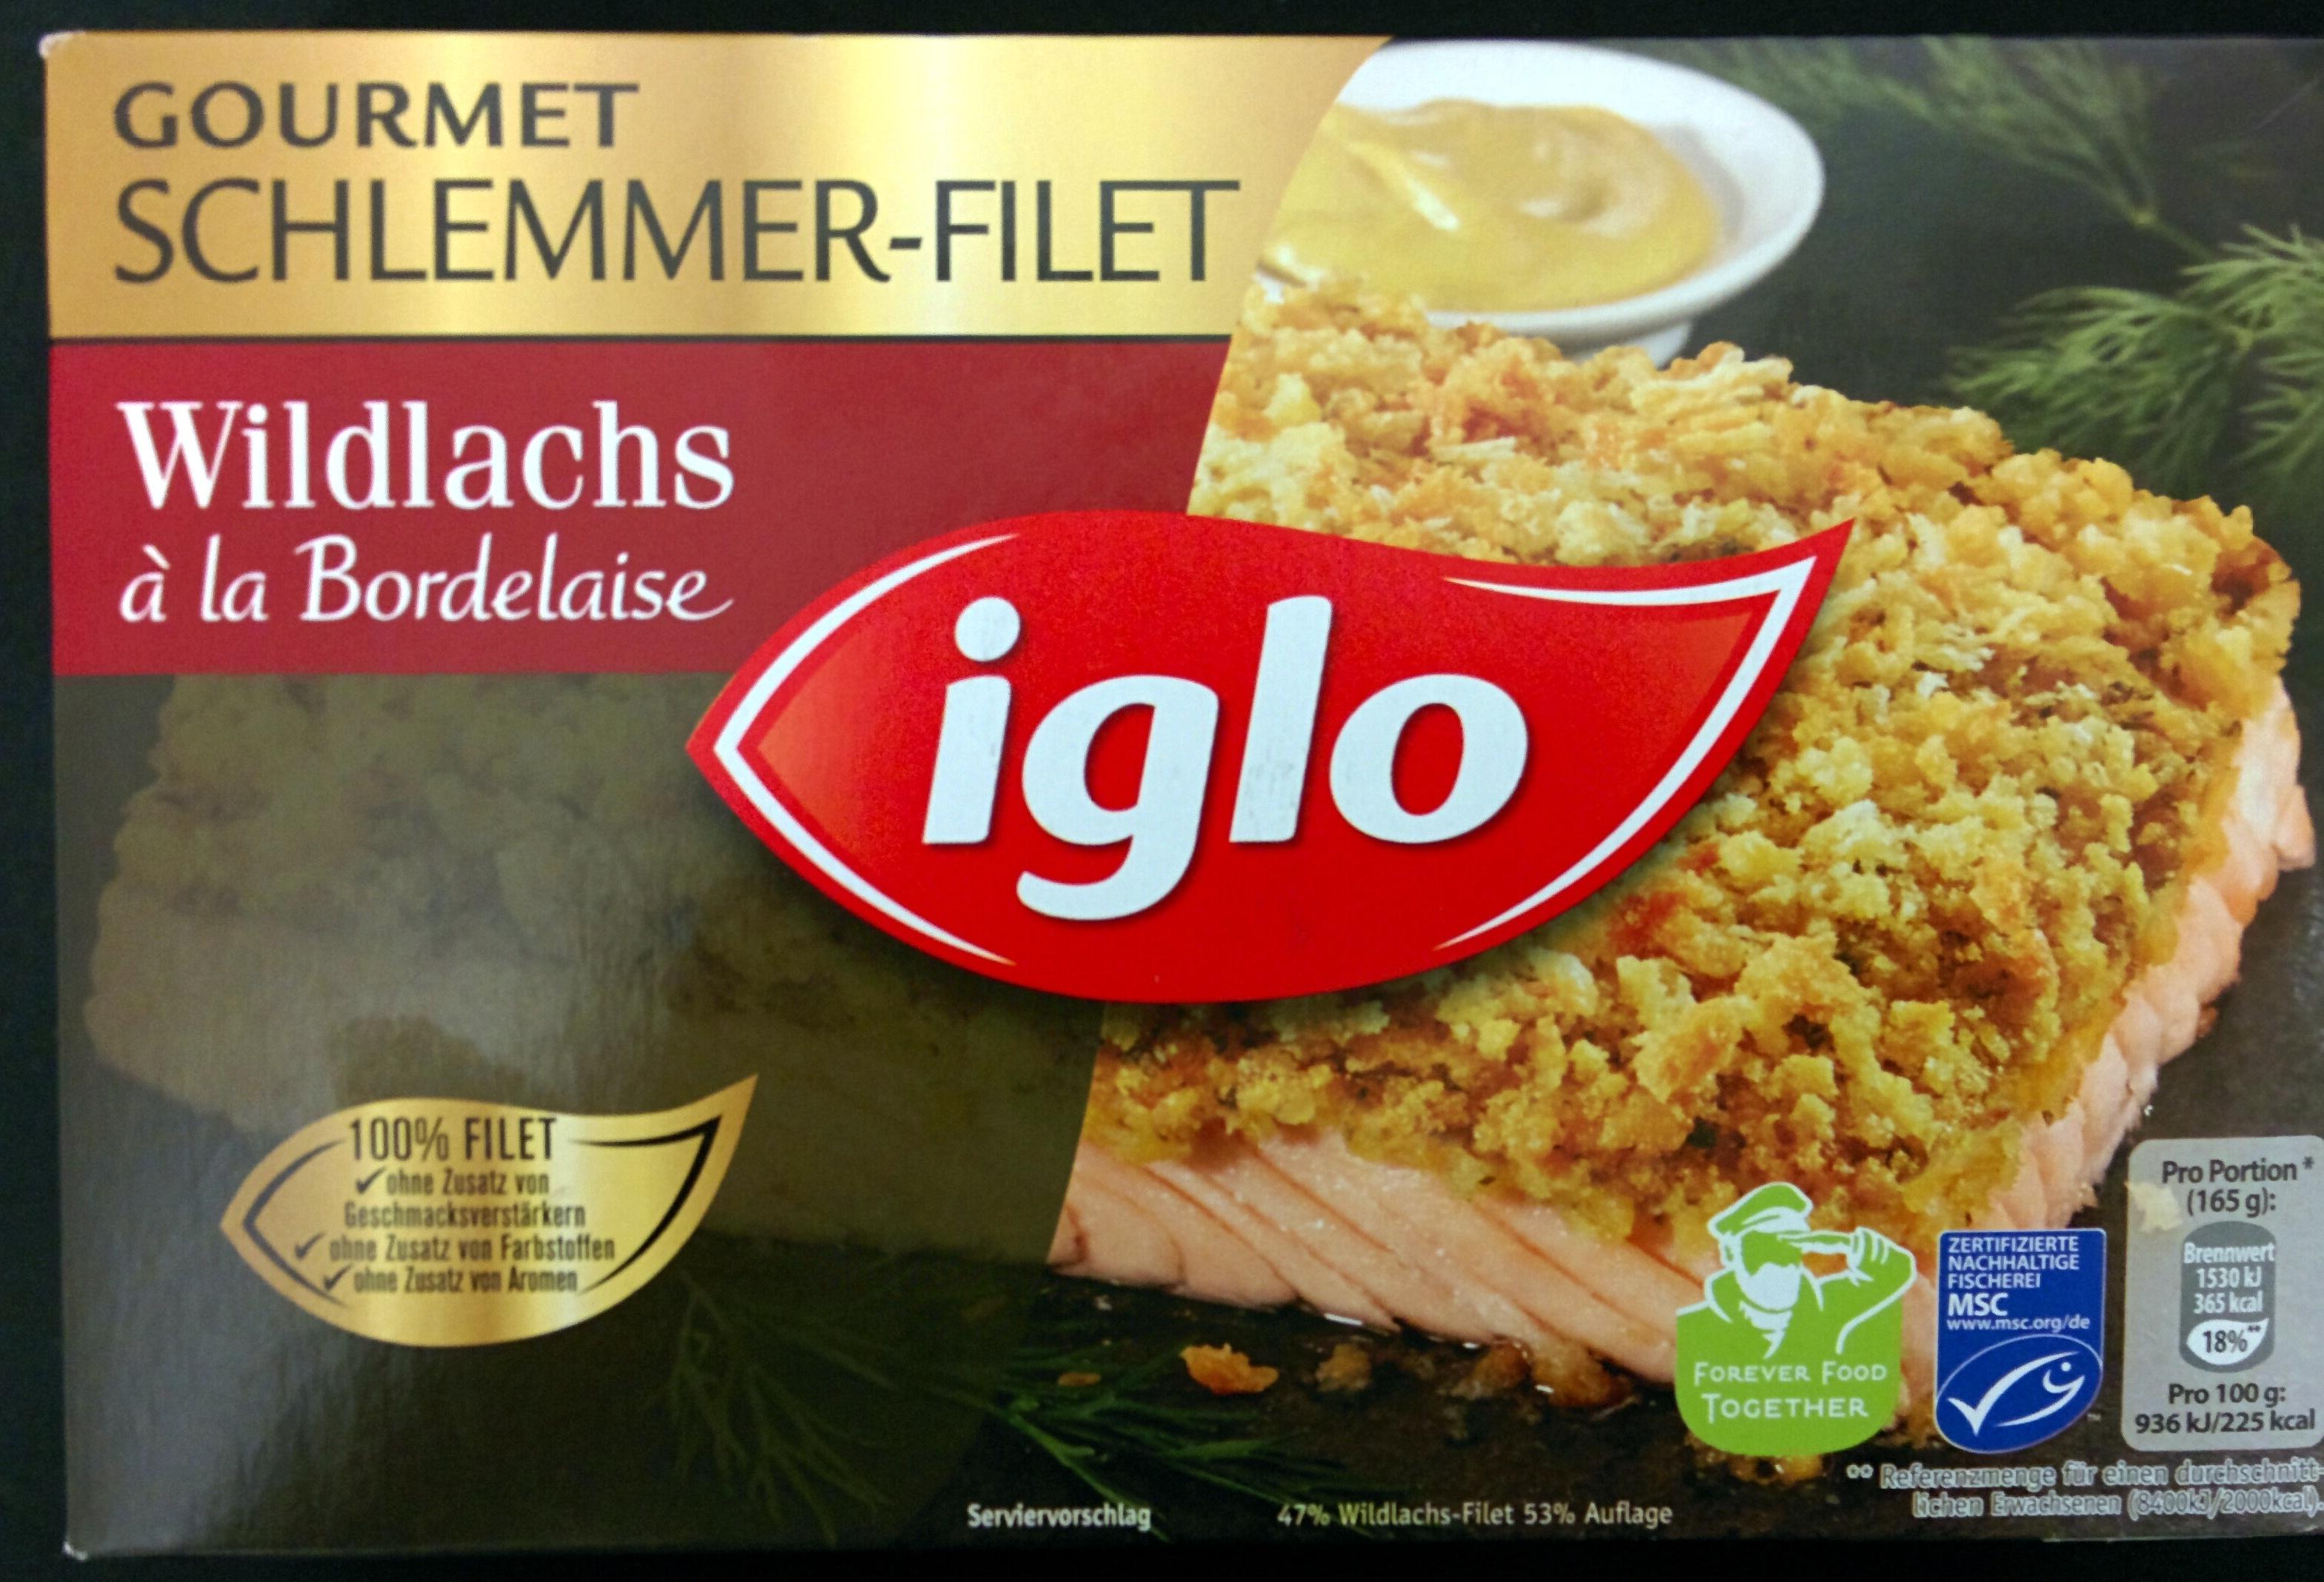 Gourmet Schlemmer-Filet Wildlachs à la Bordelaise - Produit